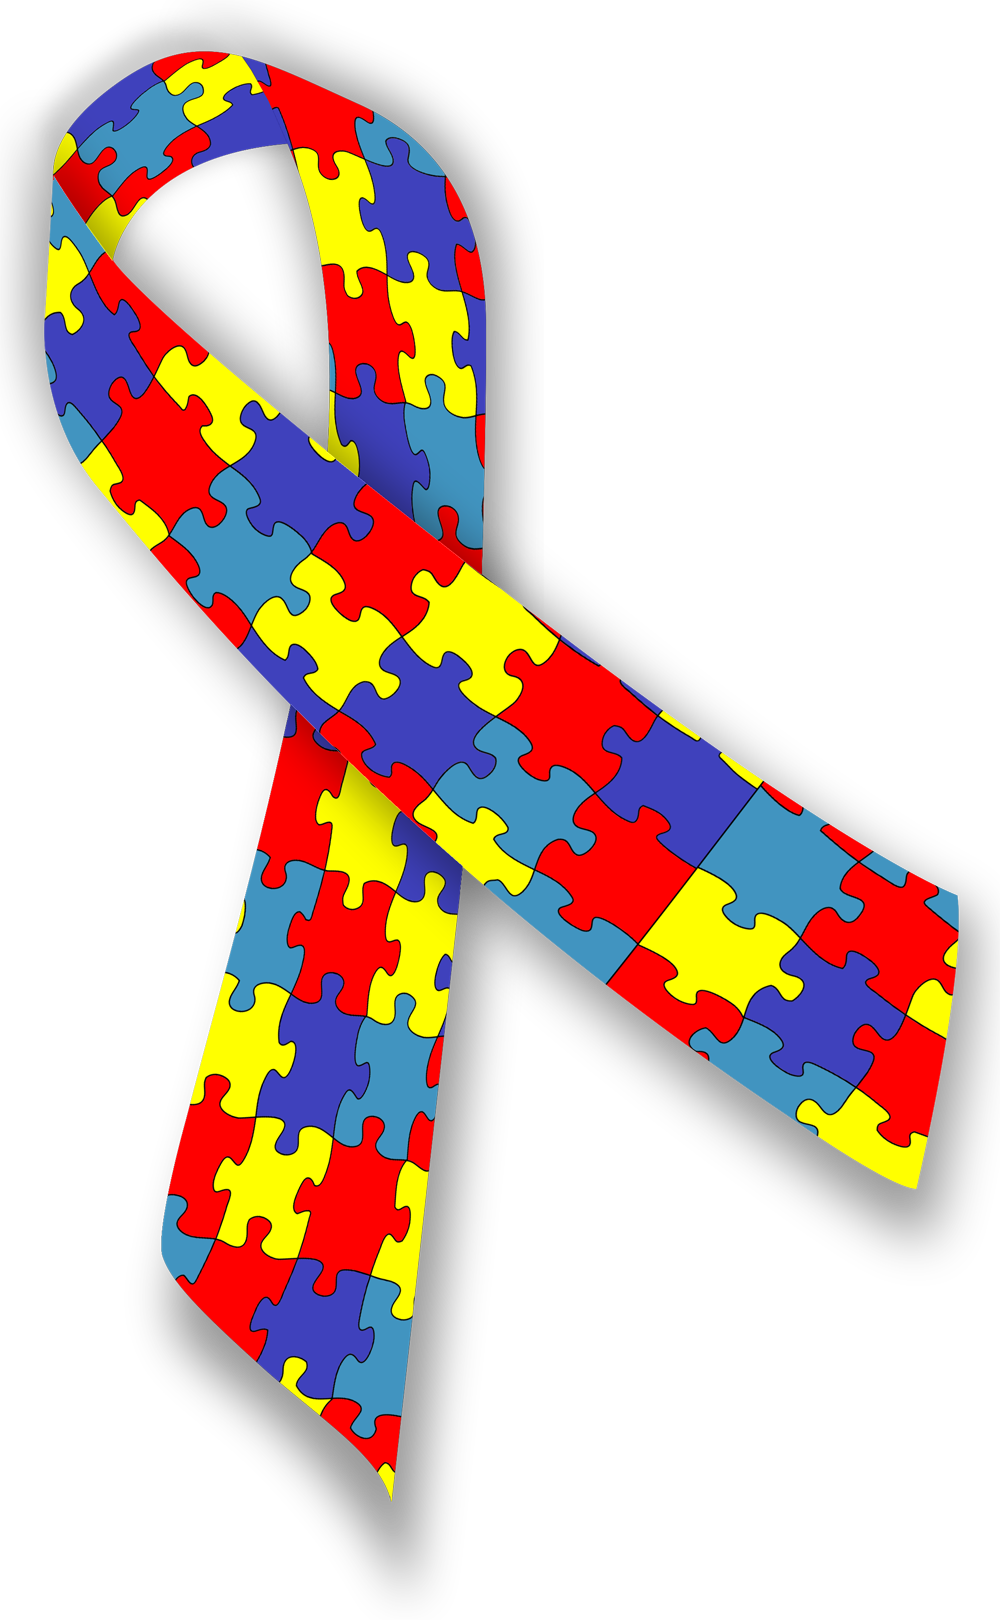 Autism_Awareness_Ribbon.png